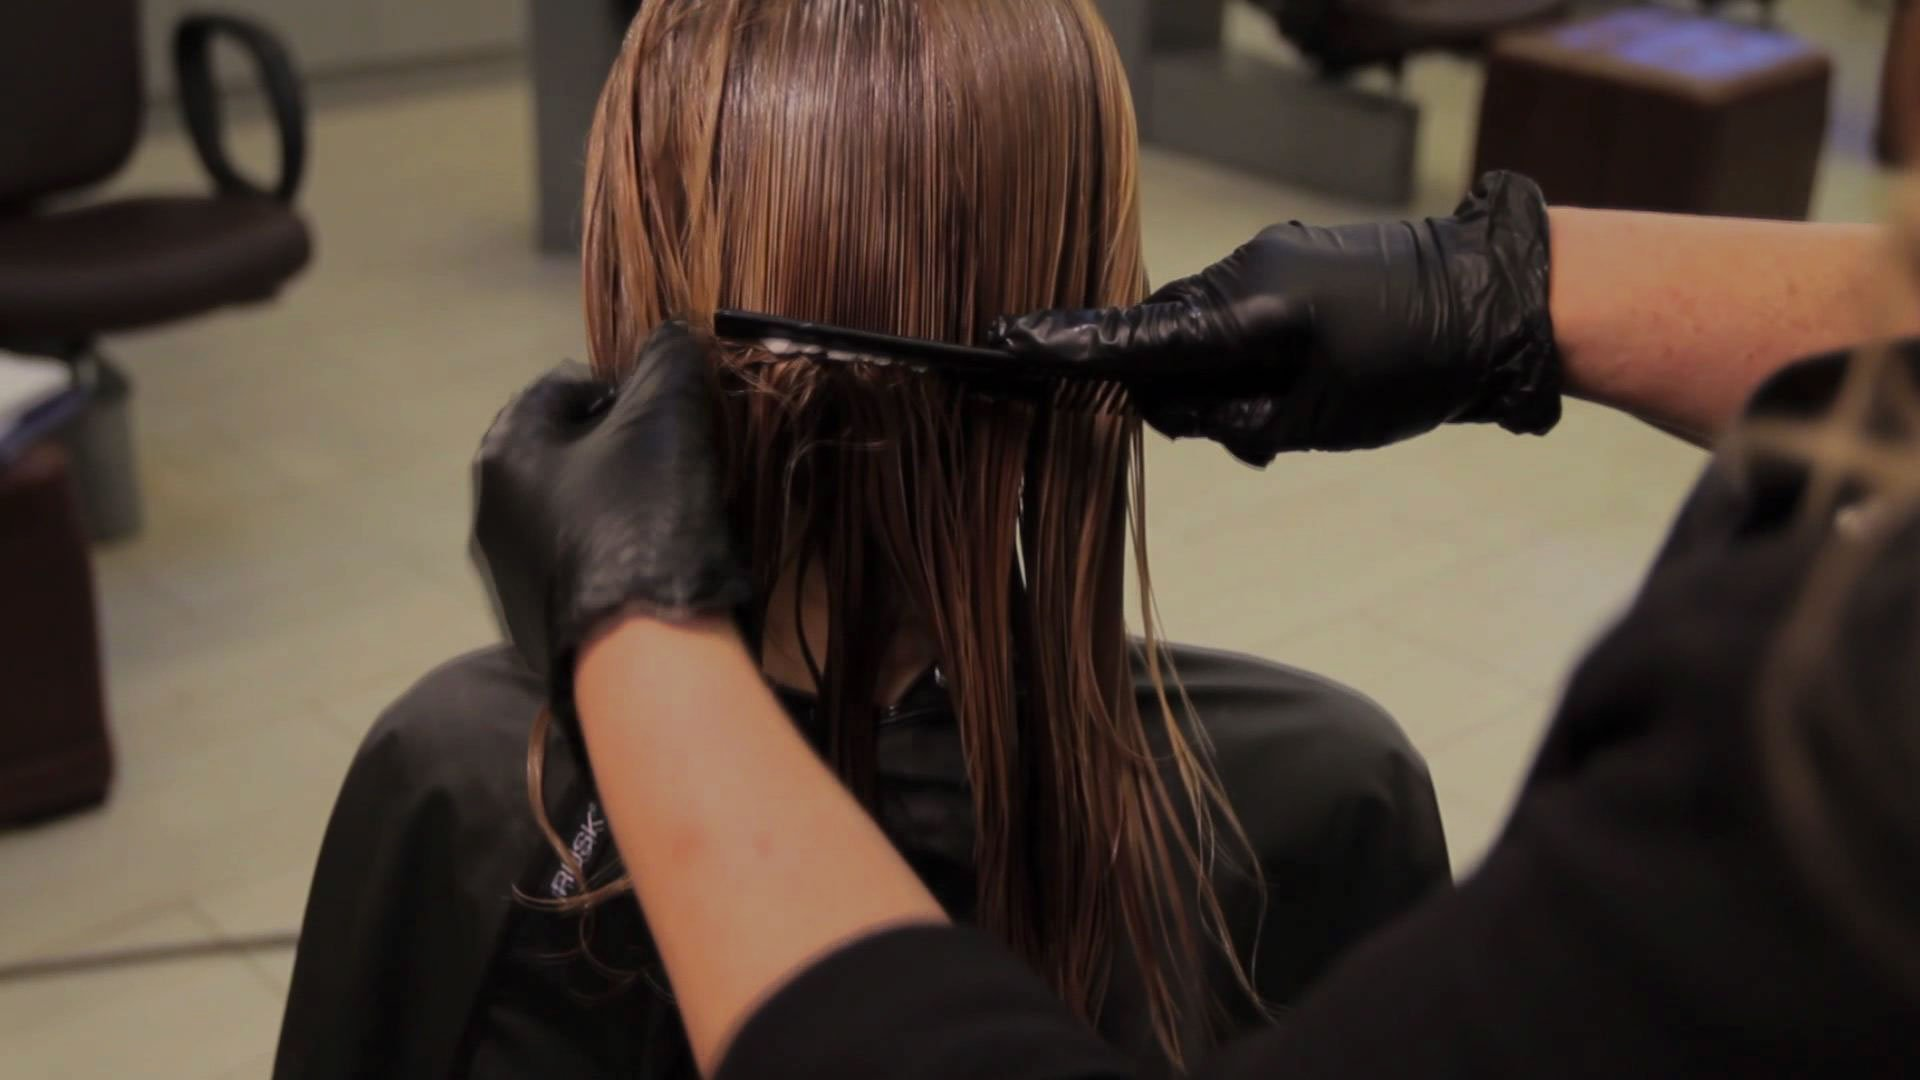 Завивка волос после кератинового выпрямления